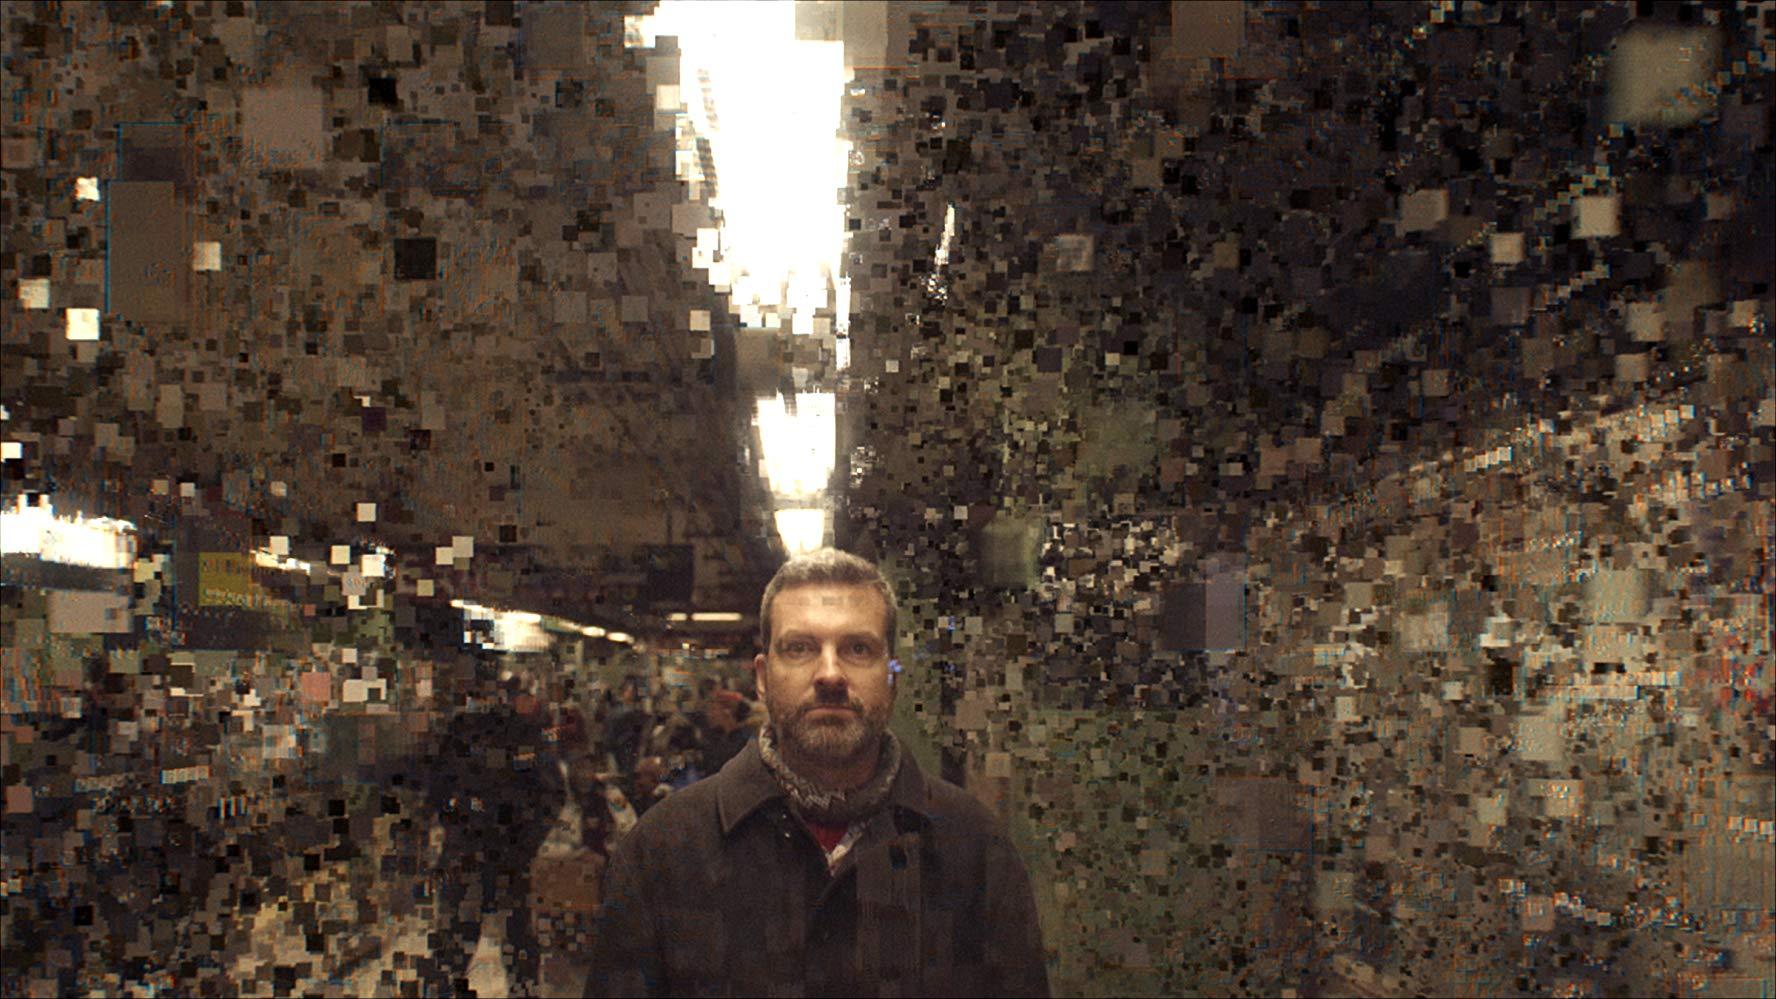 영화 거대한 해킹의 장면.